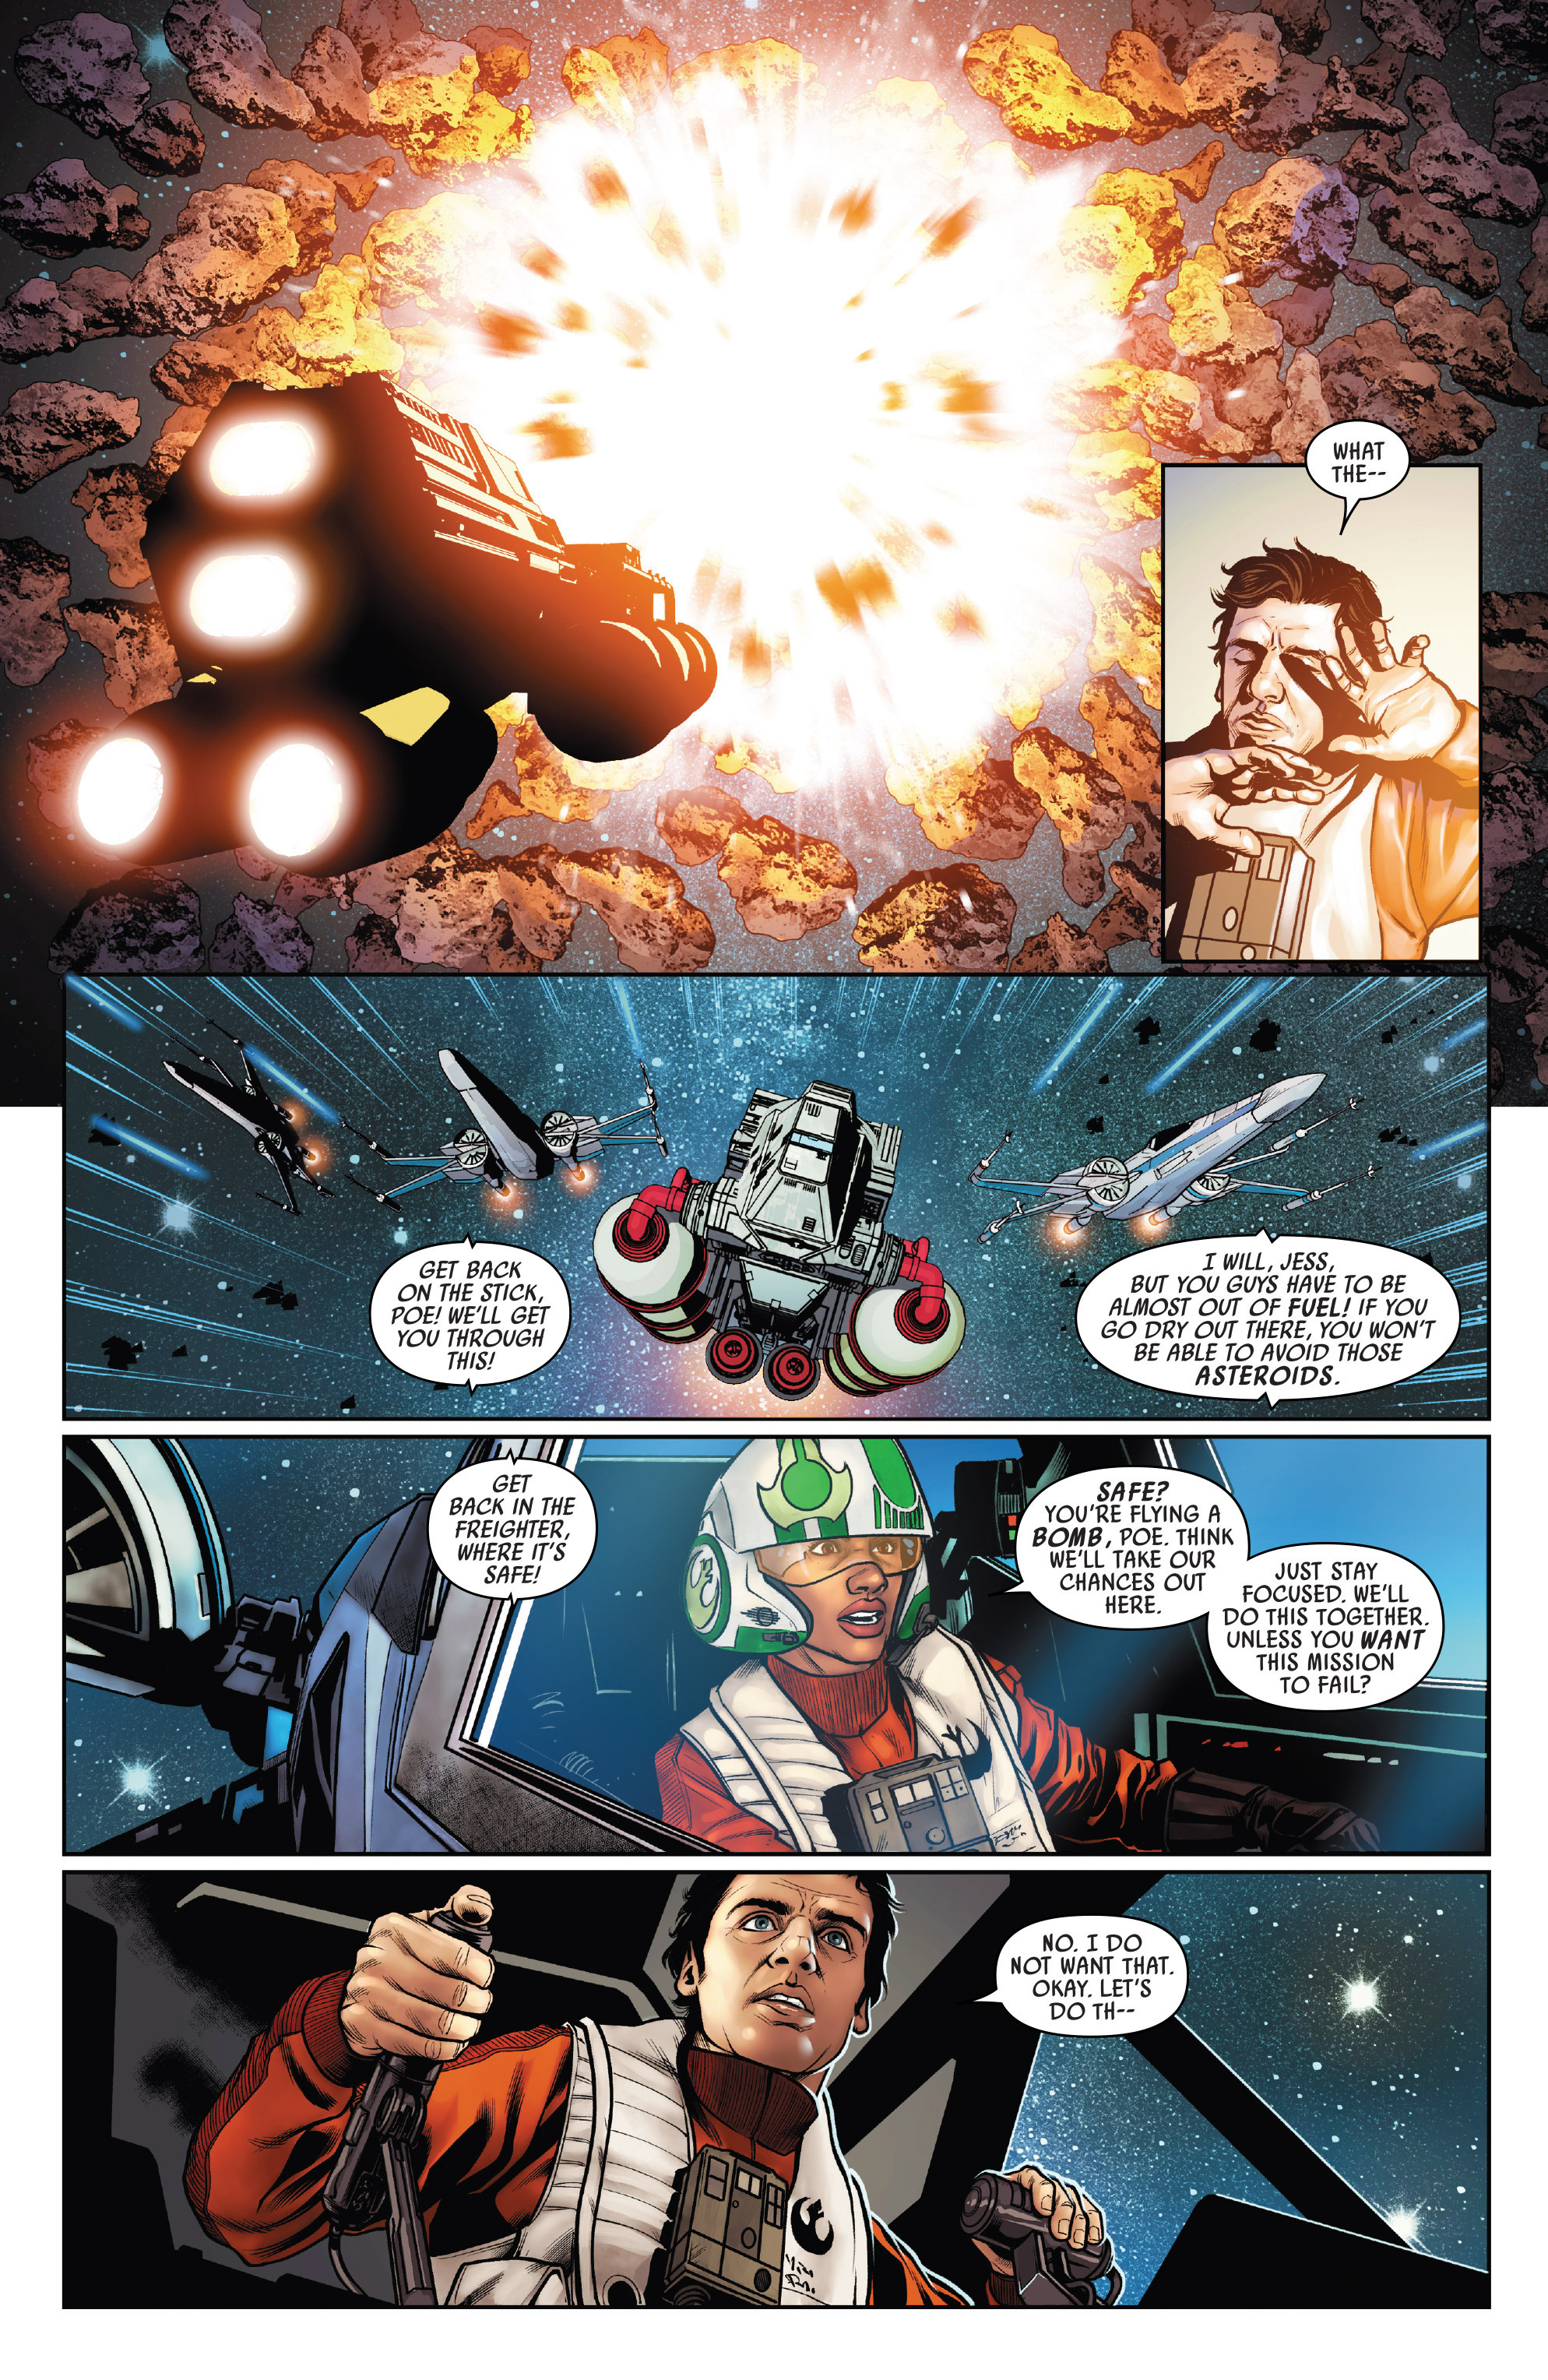 Read online Star Wars: Poe Dameron comic -  Issue #15 - 20